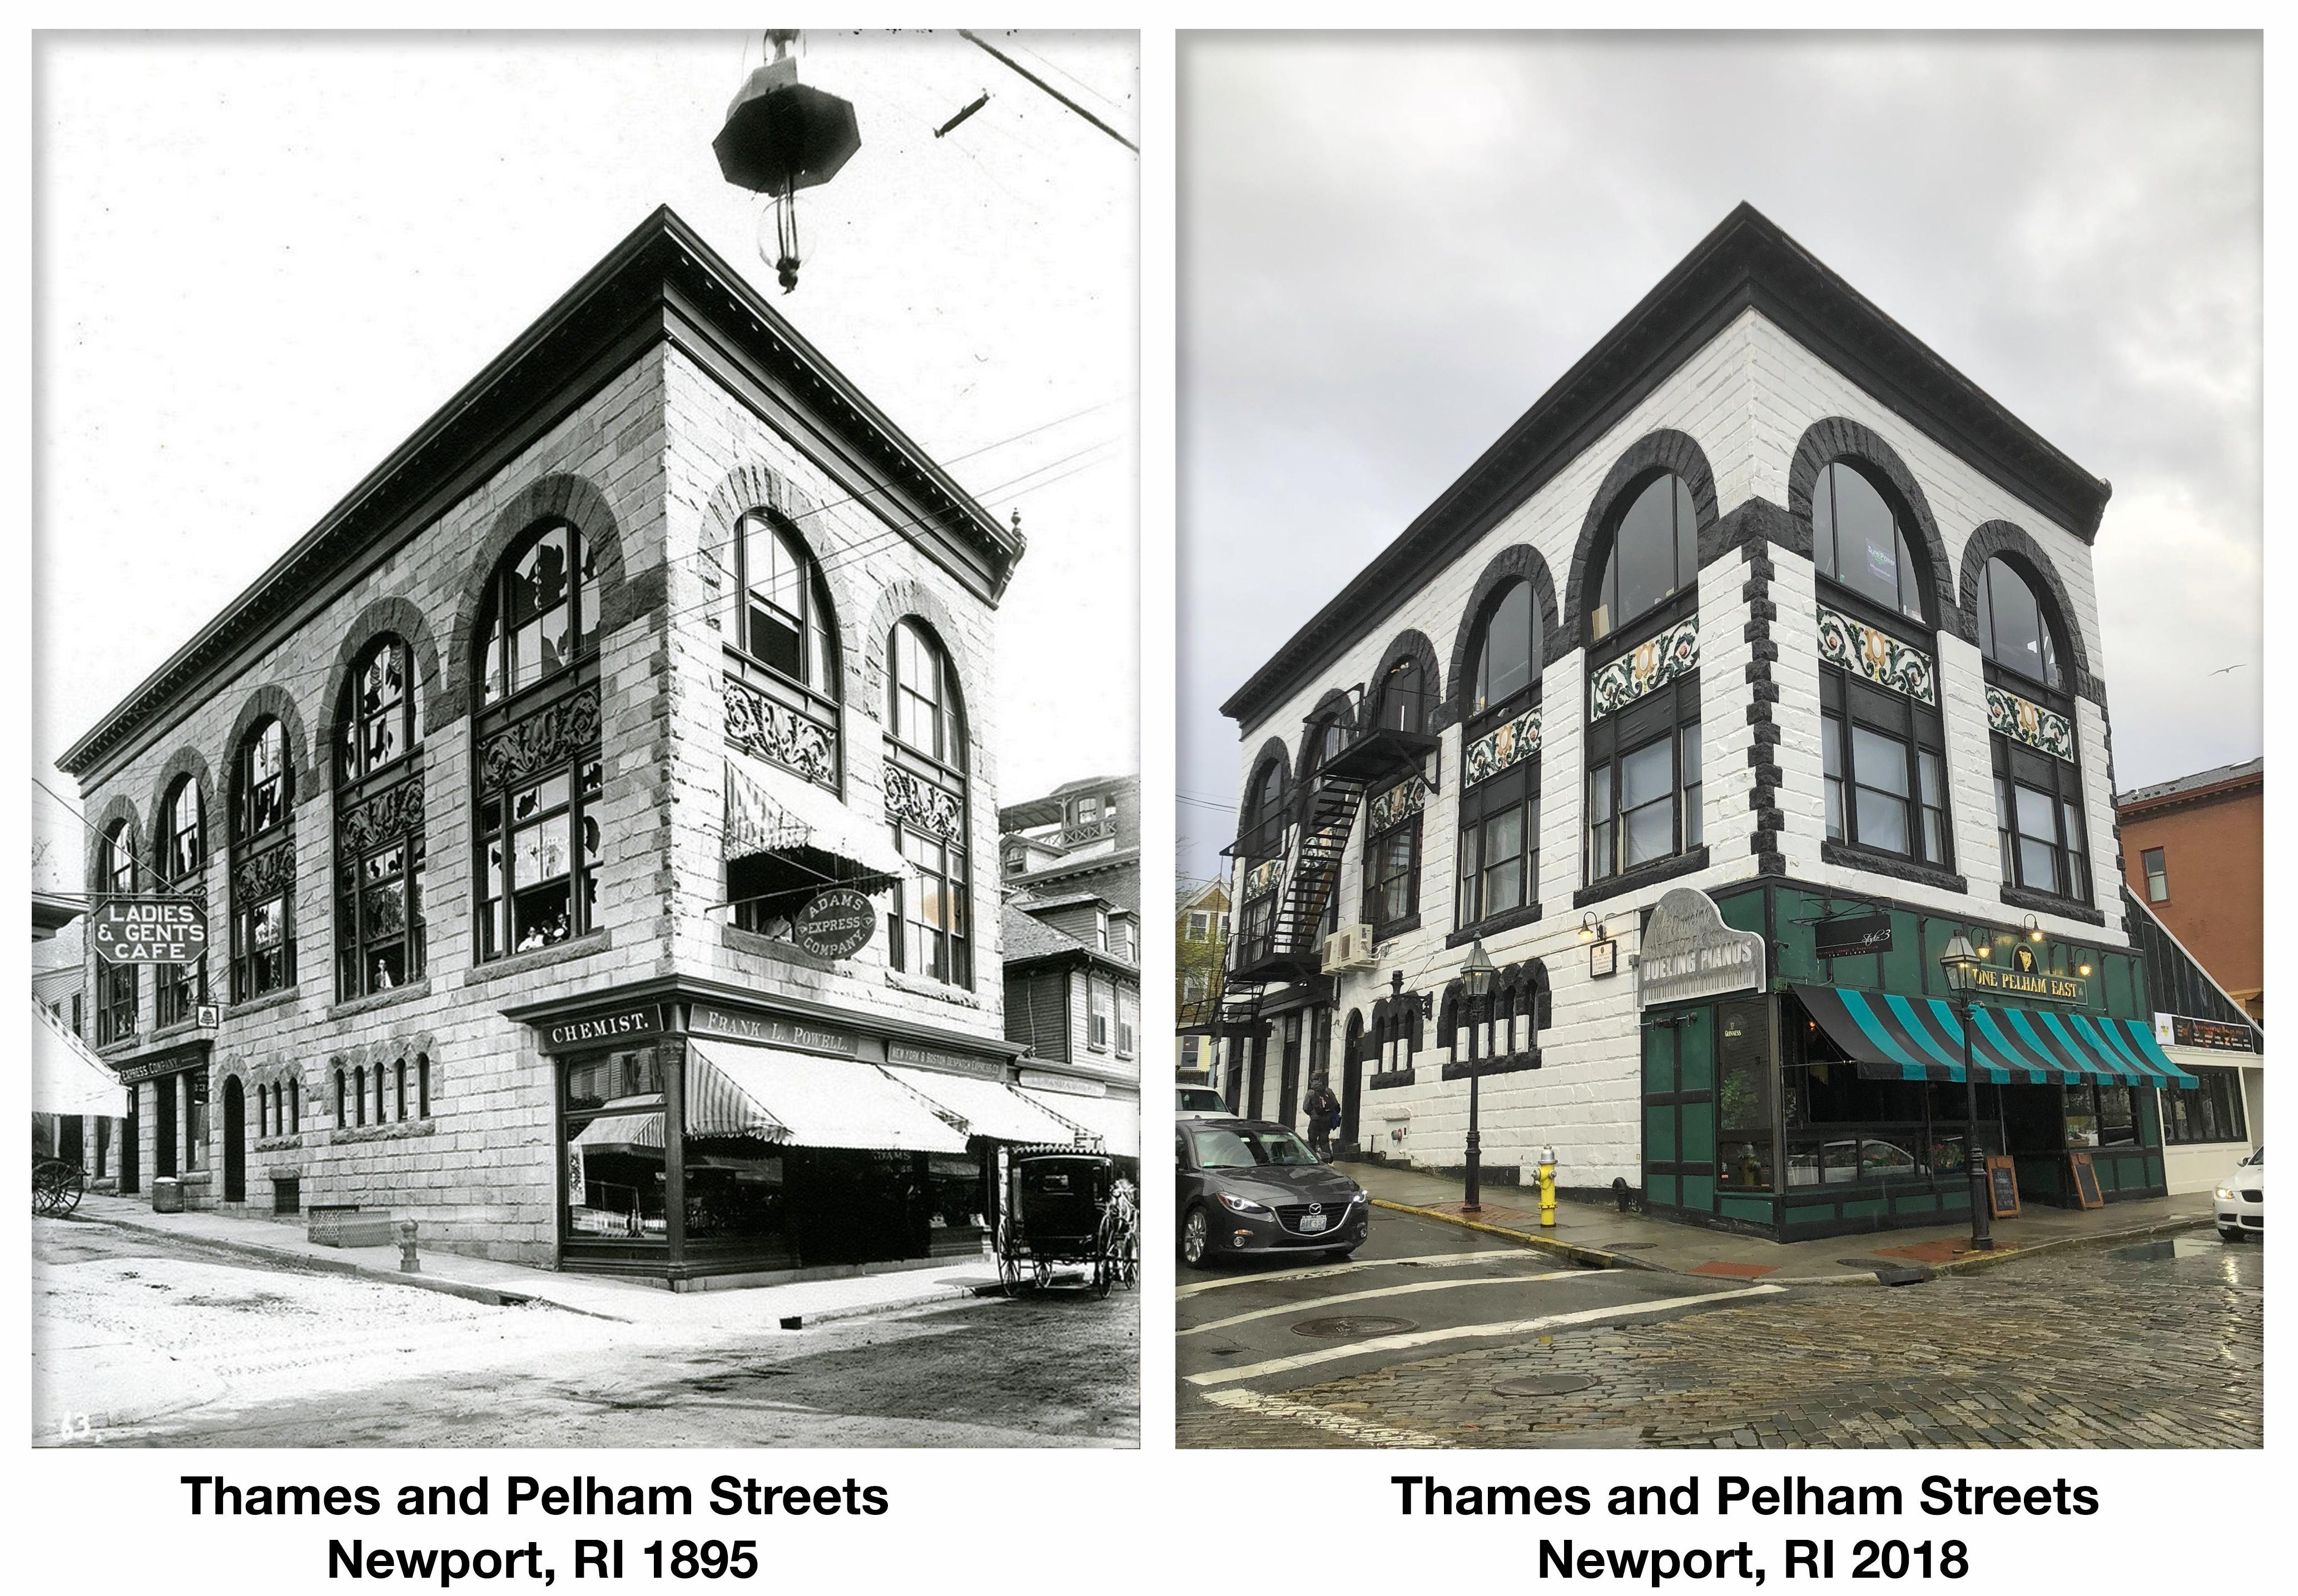 Thames and Pelham Streets, Newport, RI 1895 & 2018